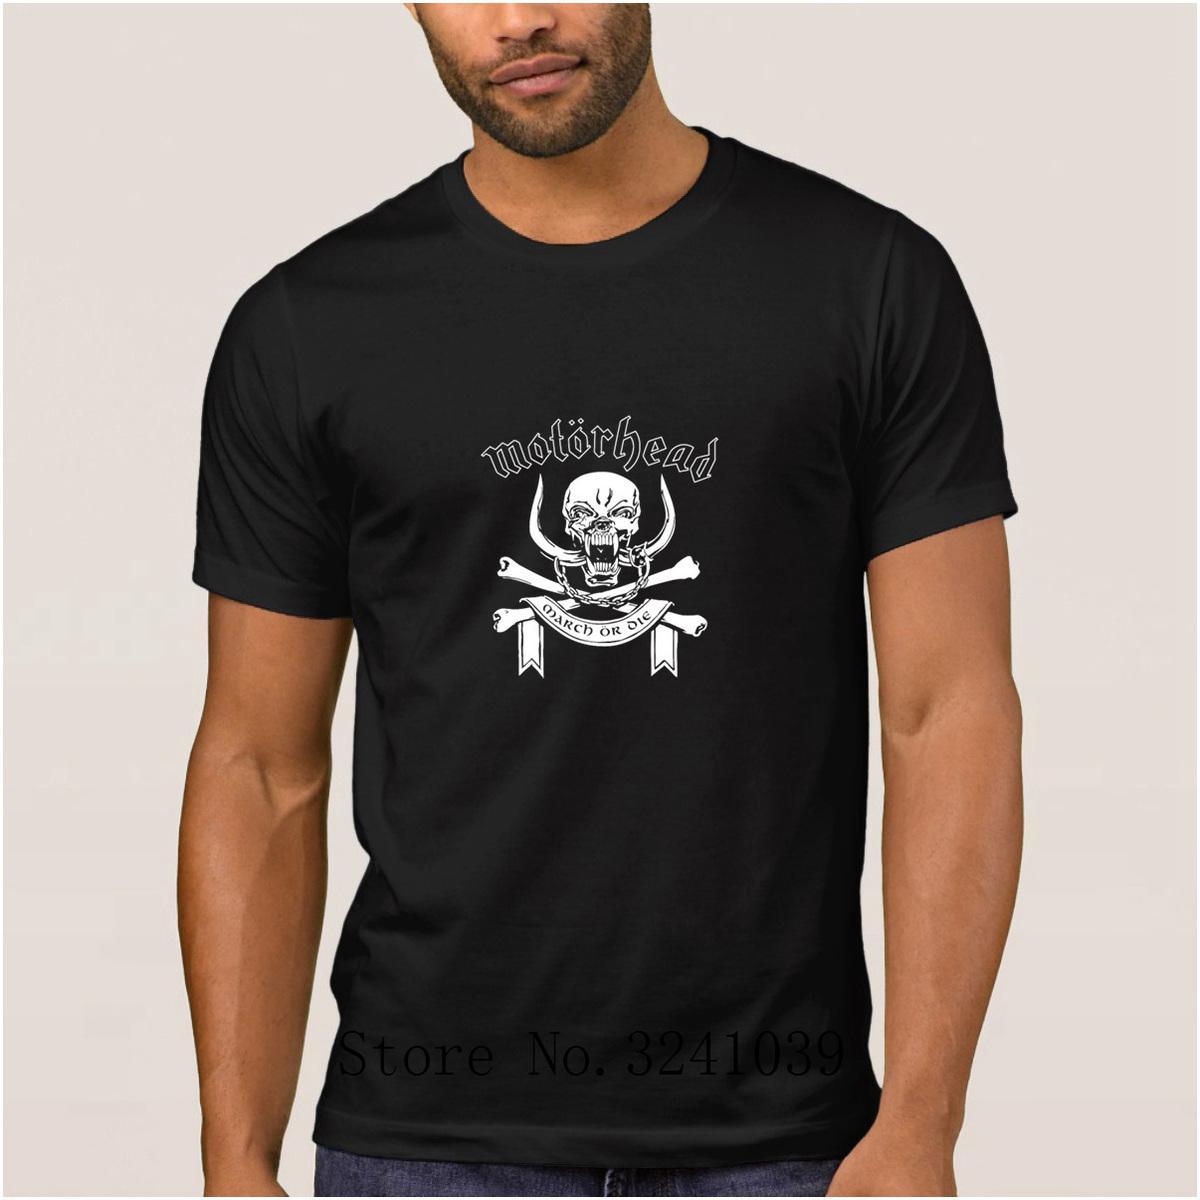 La Maxpa напечатаны основные марта или умереть Лемми Килмистер тяжелый металл Майка мужчины 2017 футболка мужчины Большой хлопок обычная футболка для мужчин